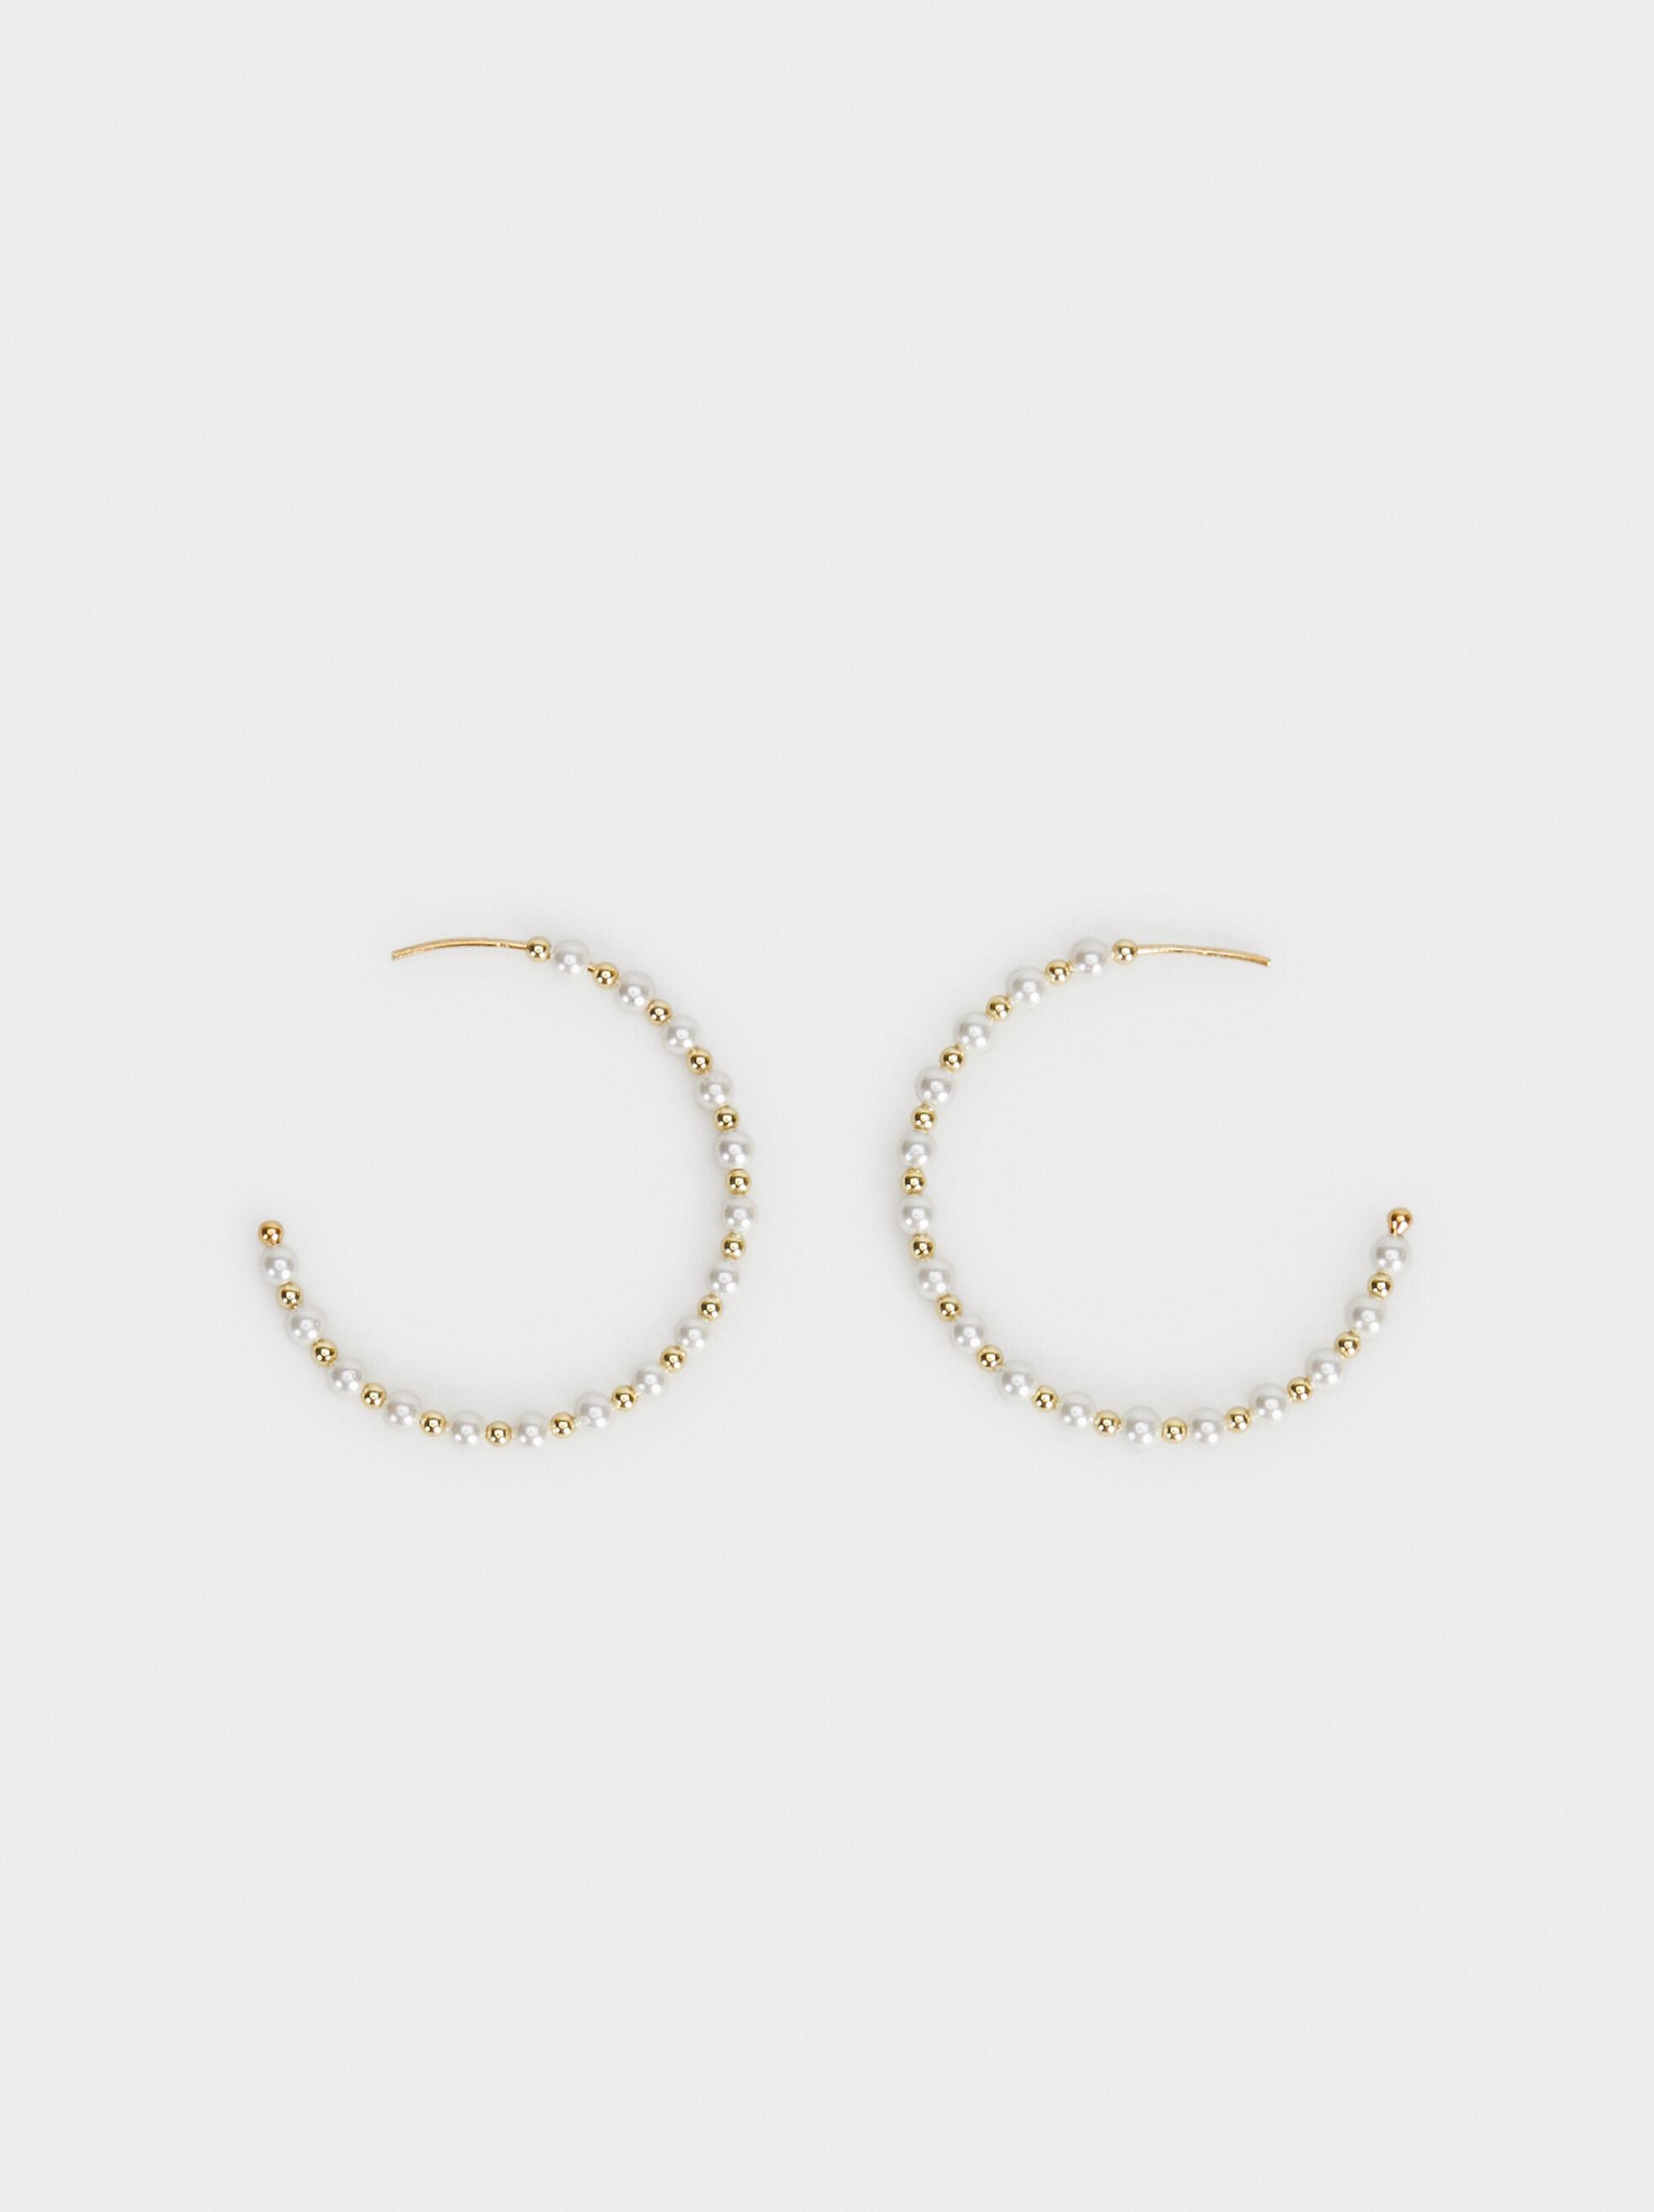 Medium Silver 925 Hoop Earrings With Faux Pearls, Beige, hi-res